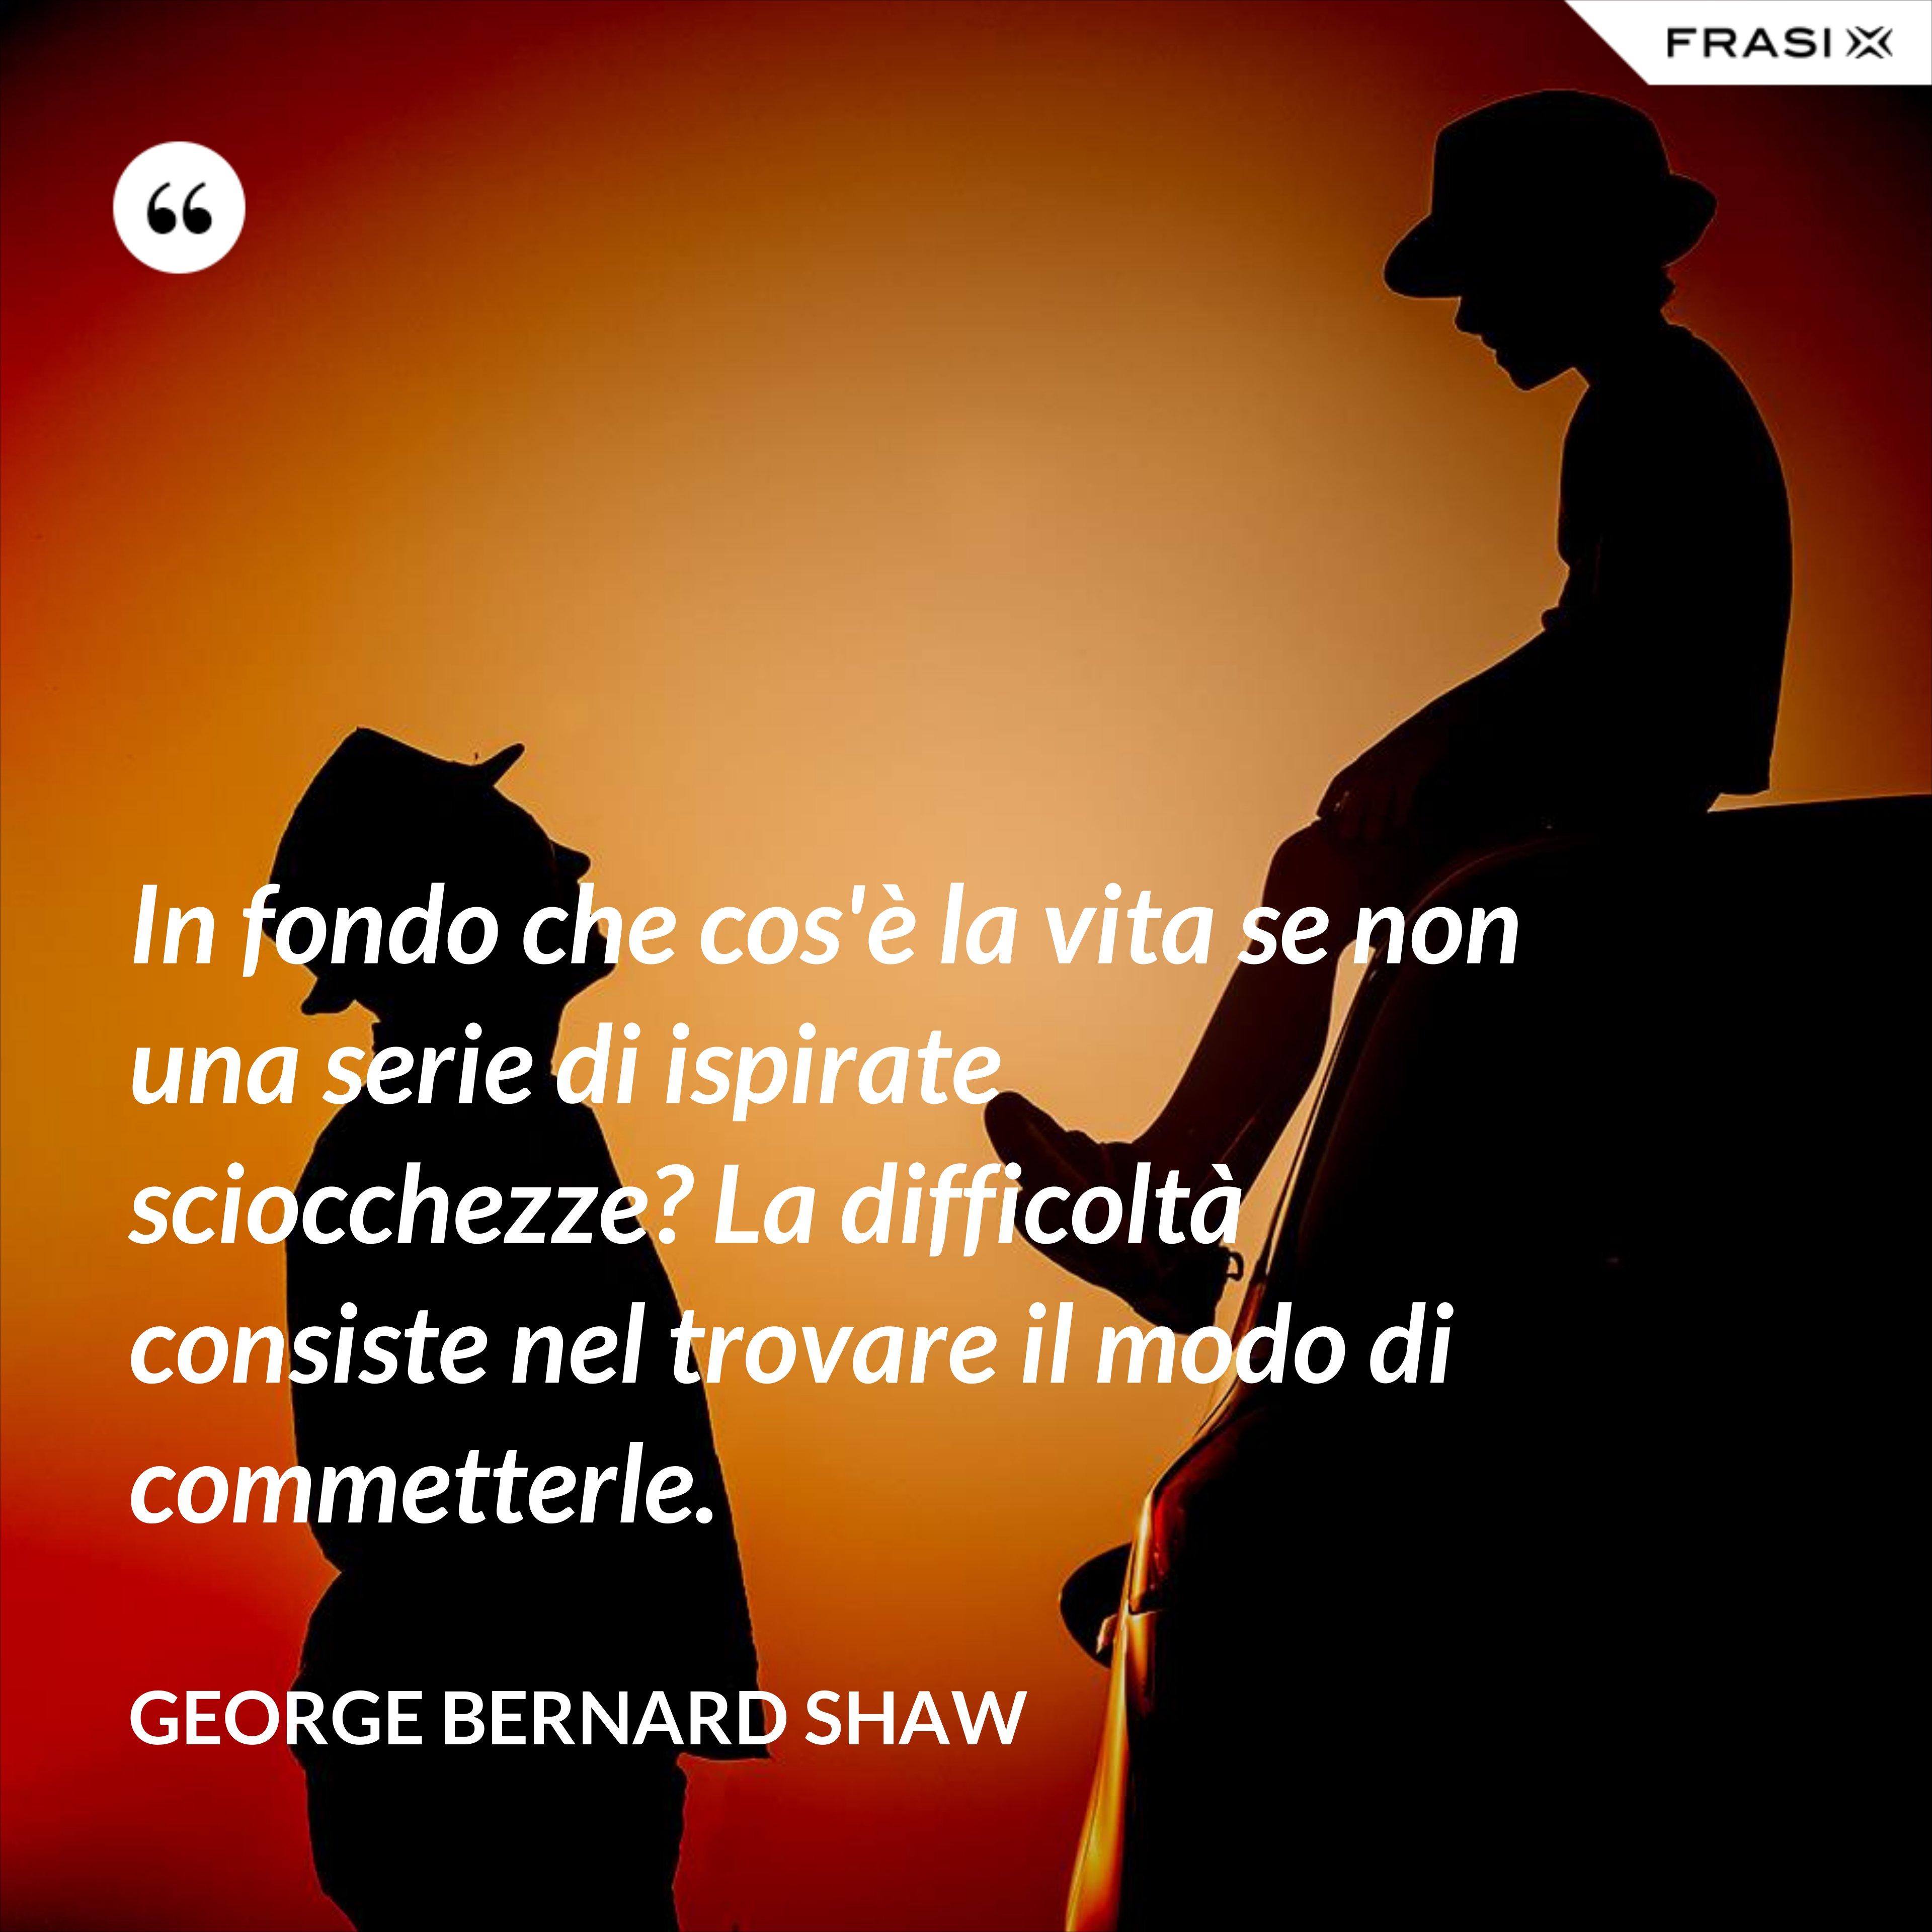 In fondo che cos'è la vita se non una serie di ispirate sciocchezze? La difficoltà consiste nel trovare il modo di commetterle. - George Bernard Shaw